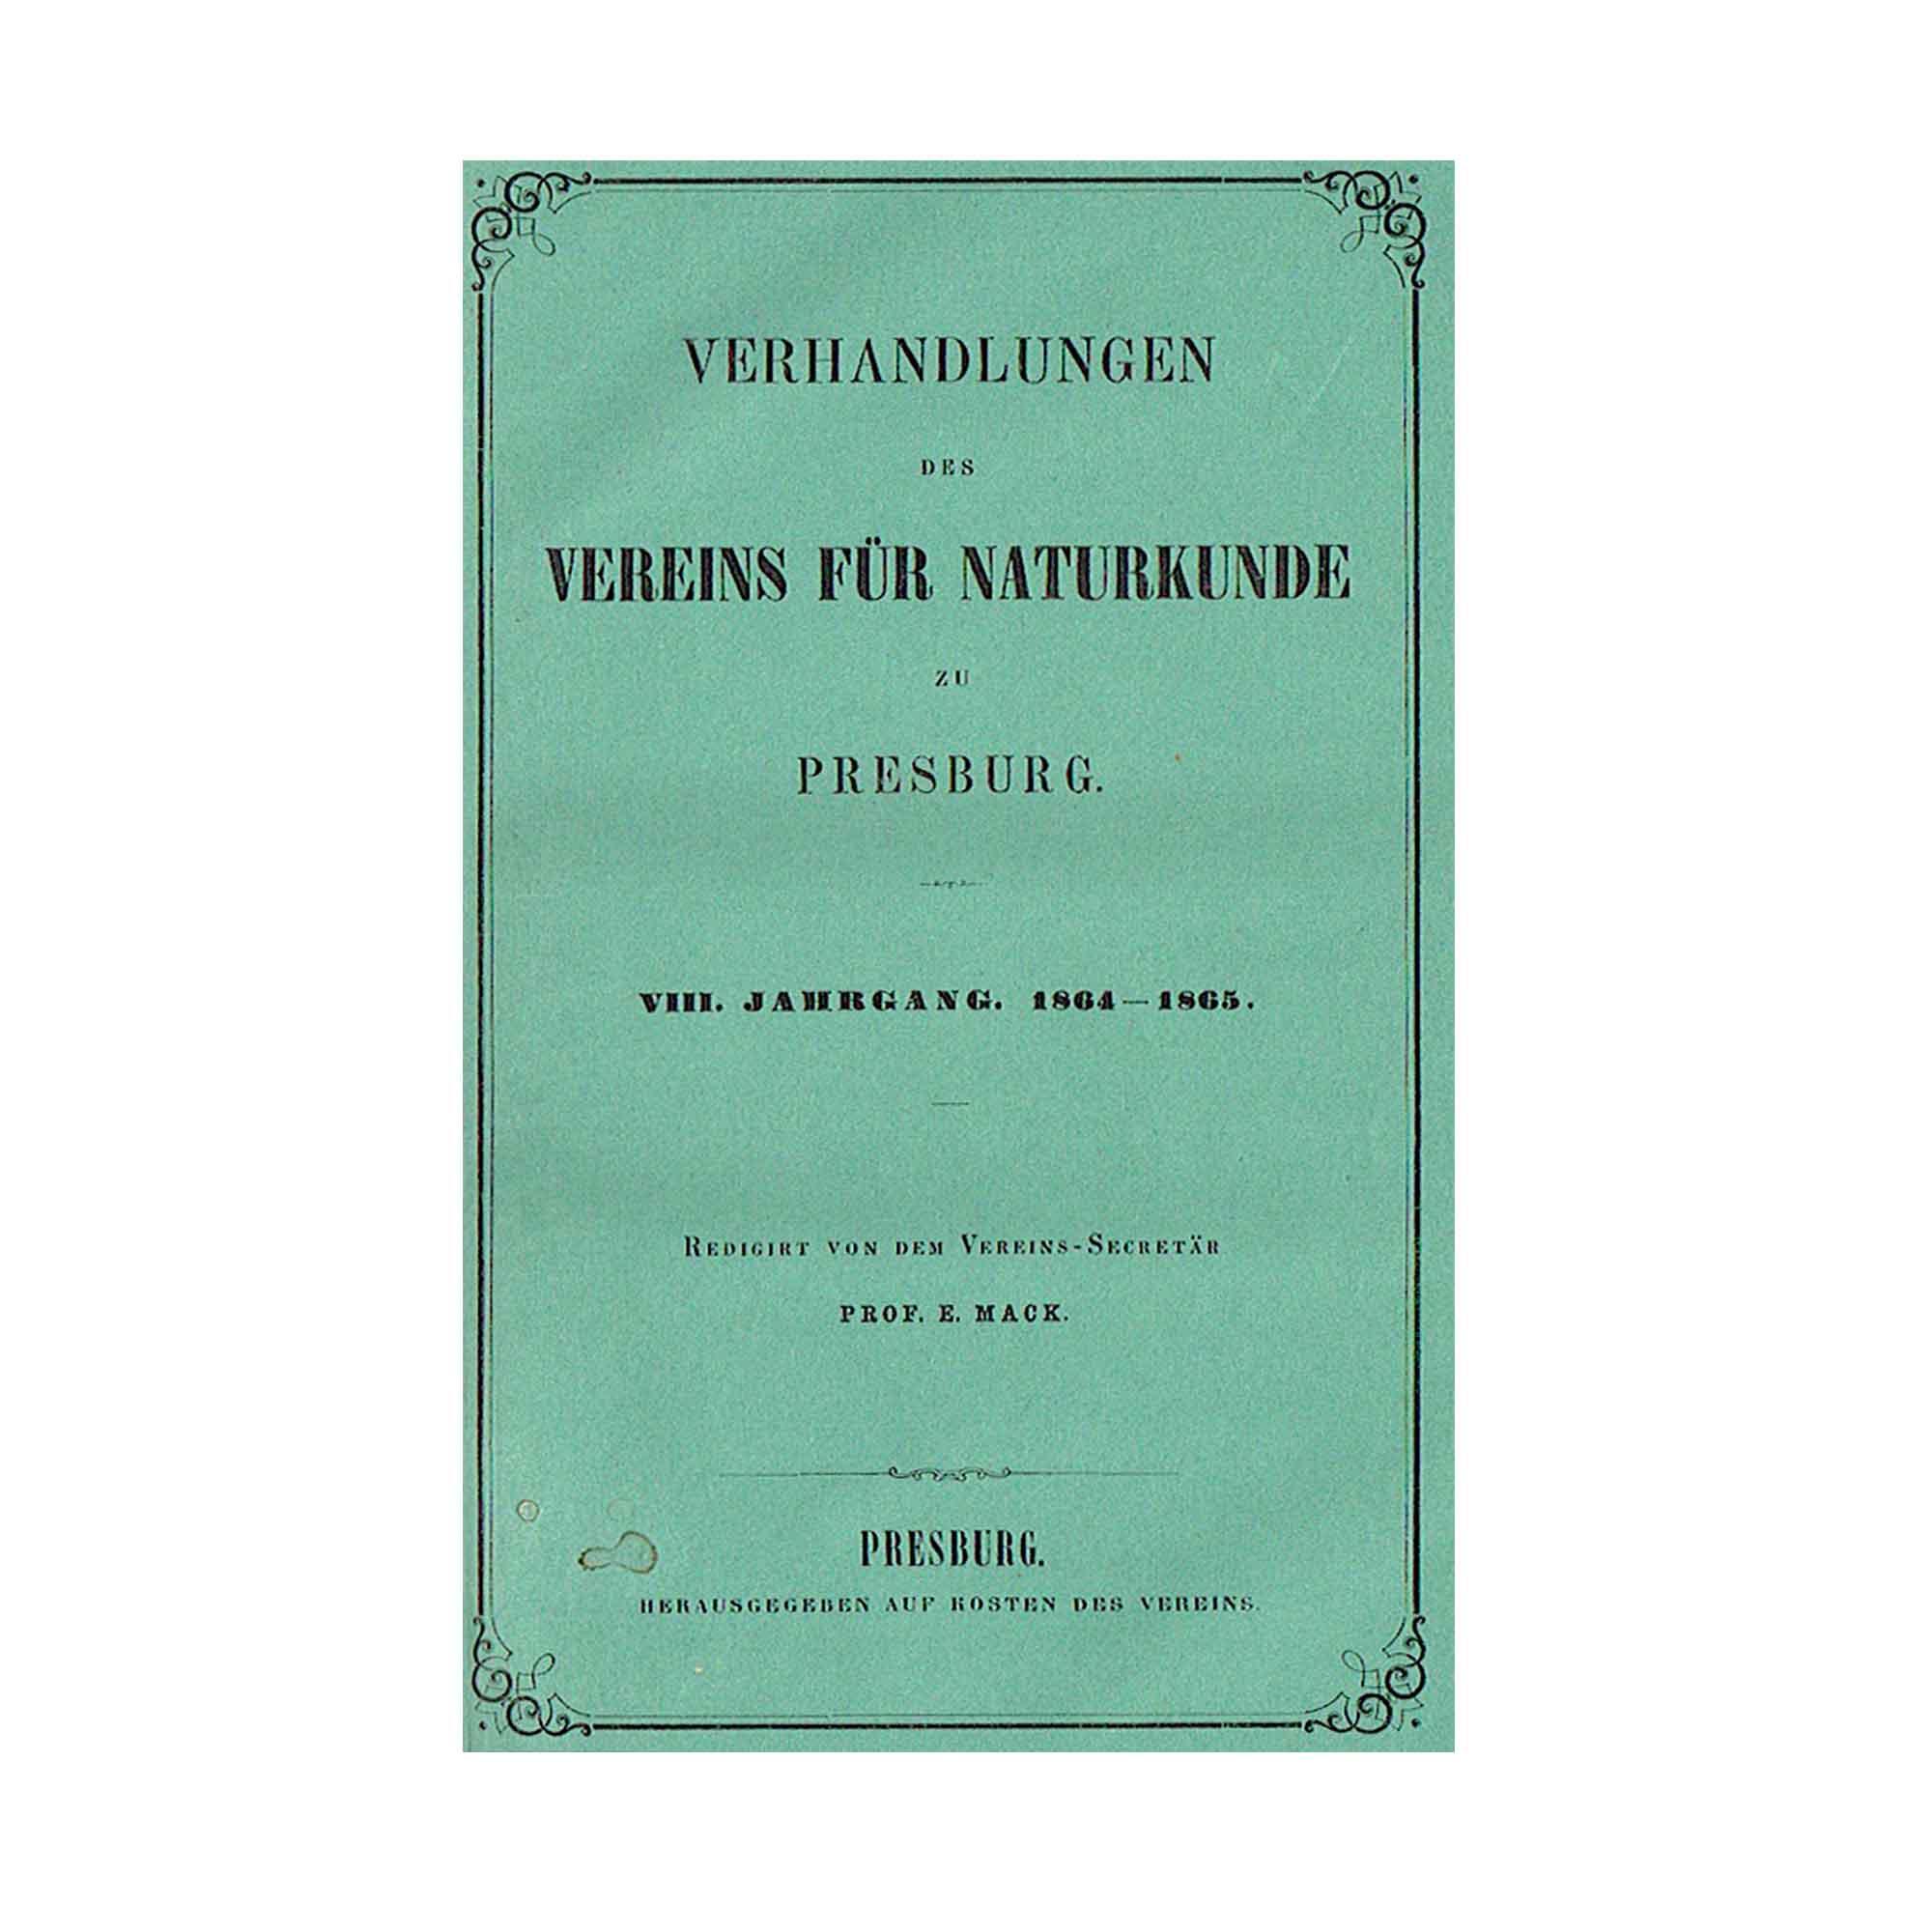 5474-Abhandlungen-Verein-Natur-Pressburg-1864-1865-Umschlag-N.jpg